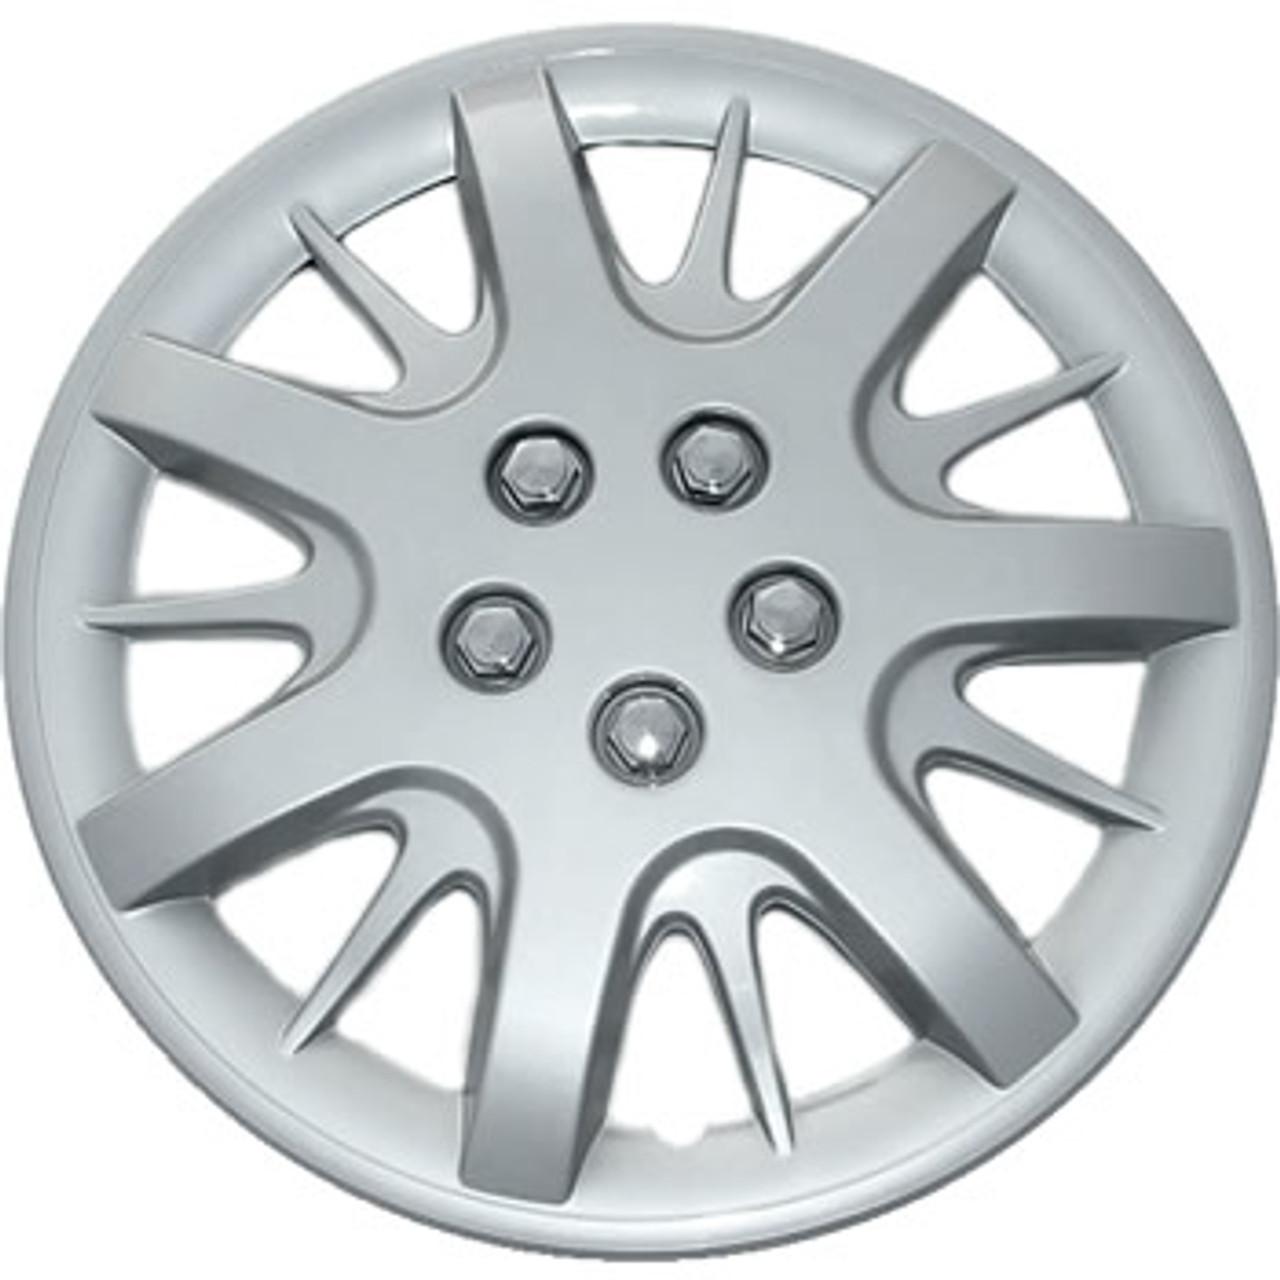 2005 Monte Carlo Wheel Covers Chevrolet Replica 16